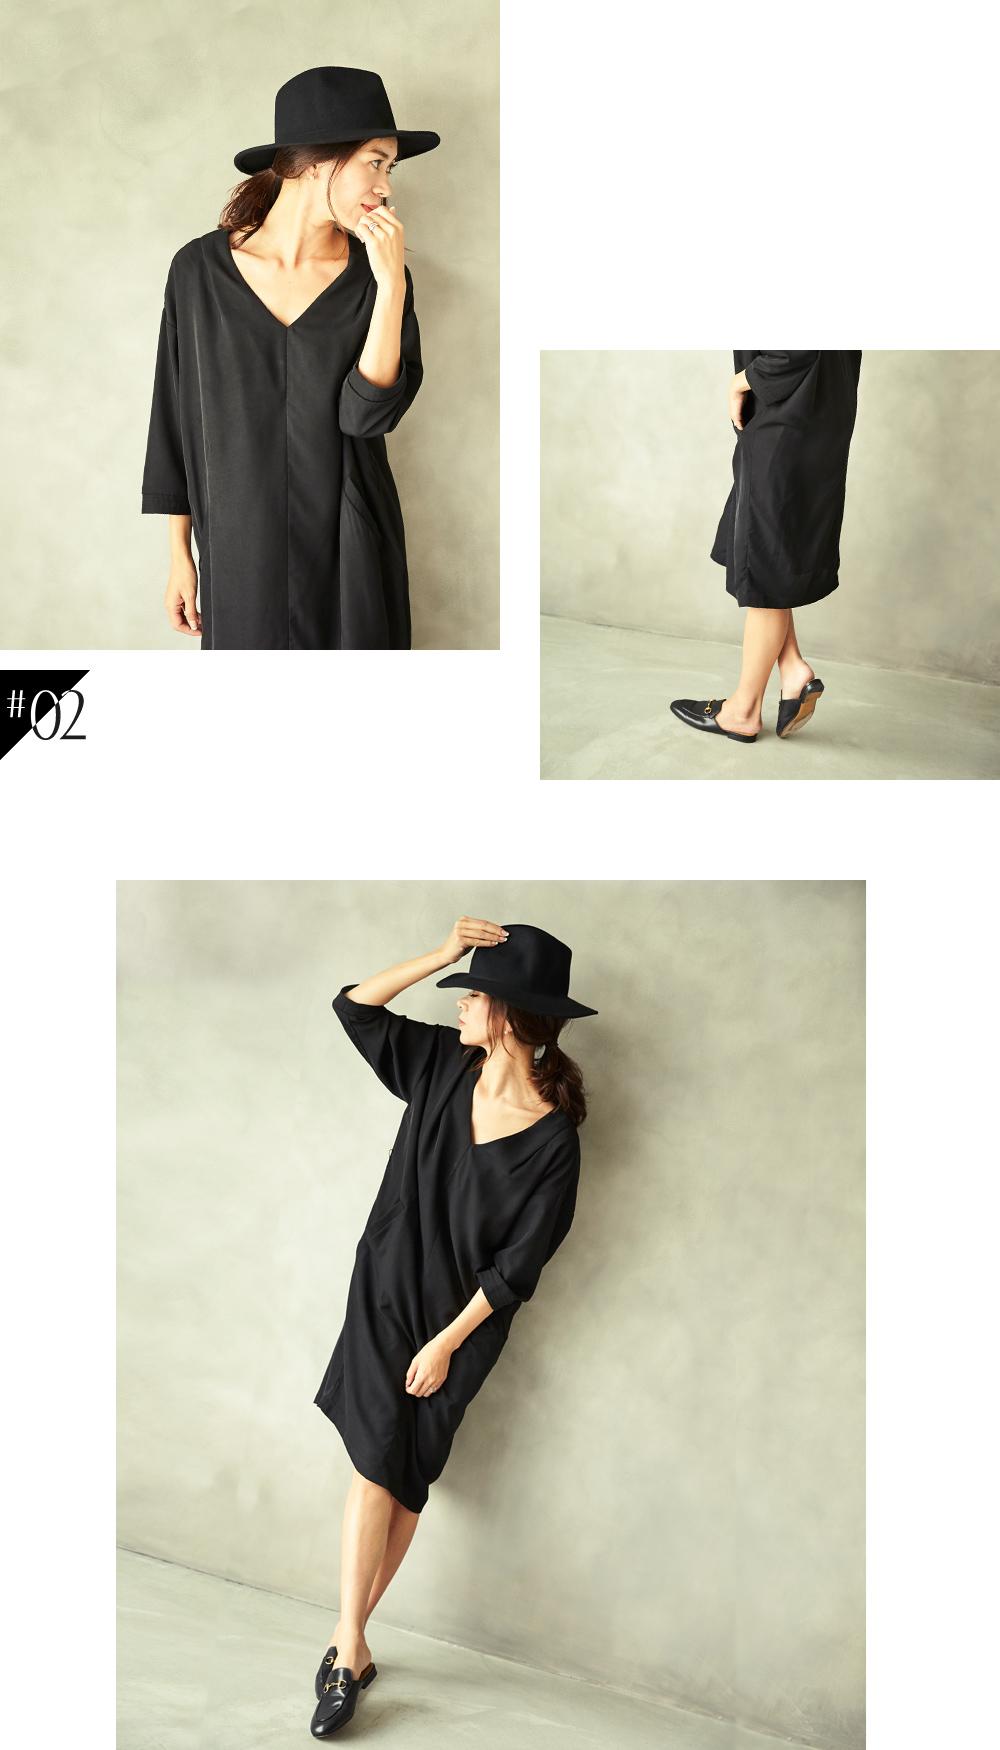 大人な着こなしで魅せるur'sの秋コレクション スタイリング大日方久美子(おびなたくみこ)_02